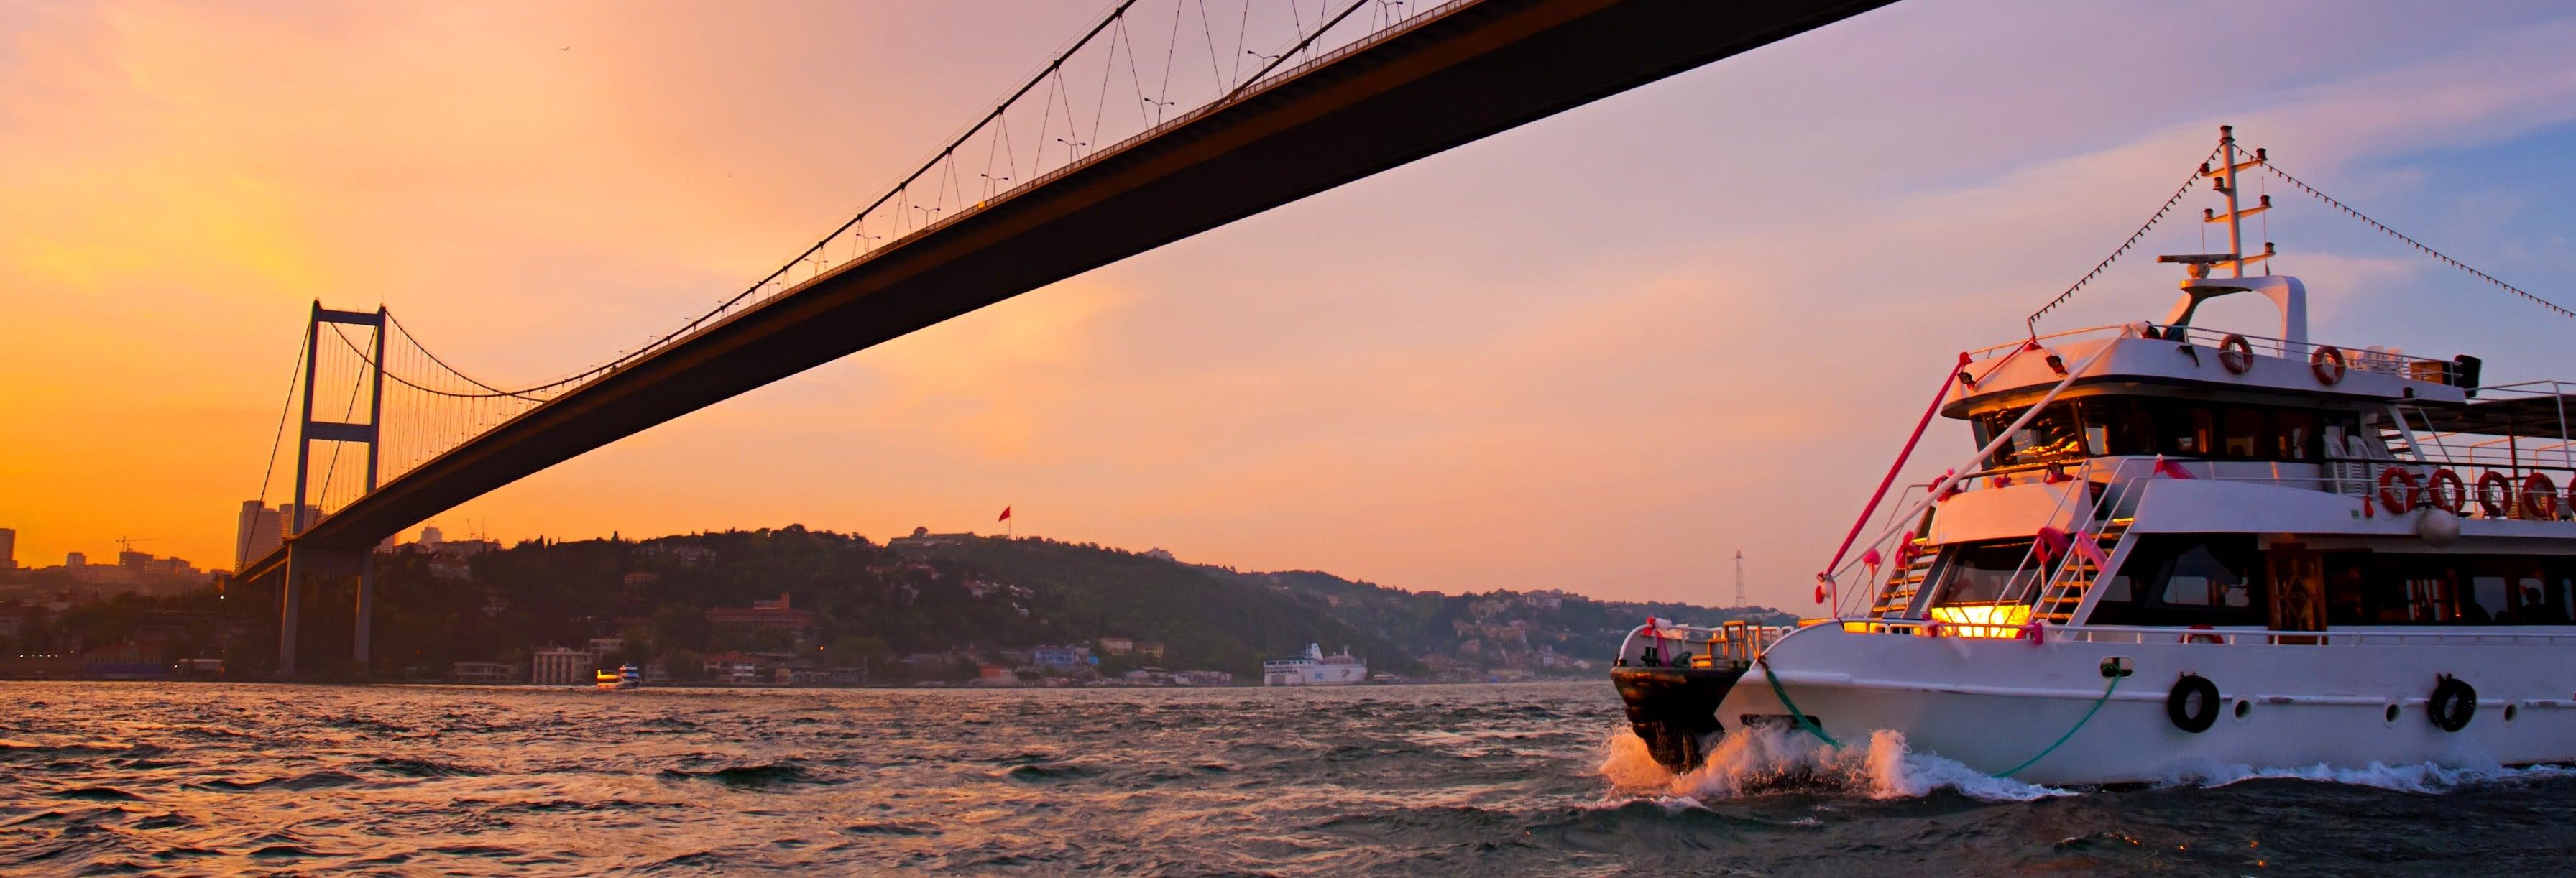 Crucero por el Bósforo al atardecer